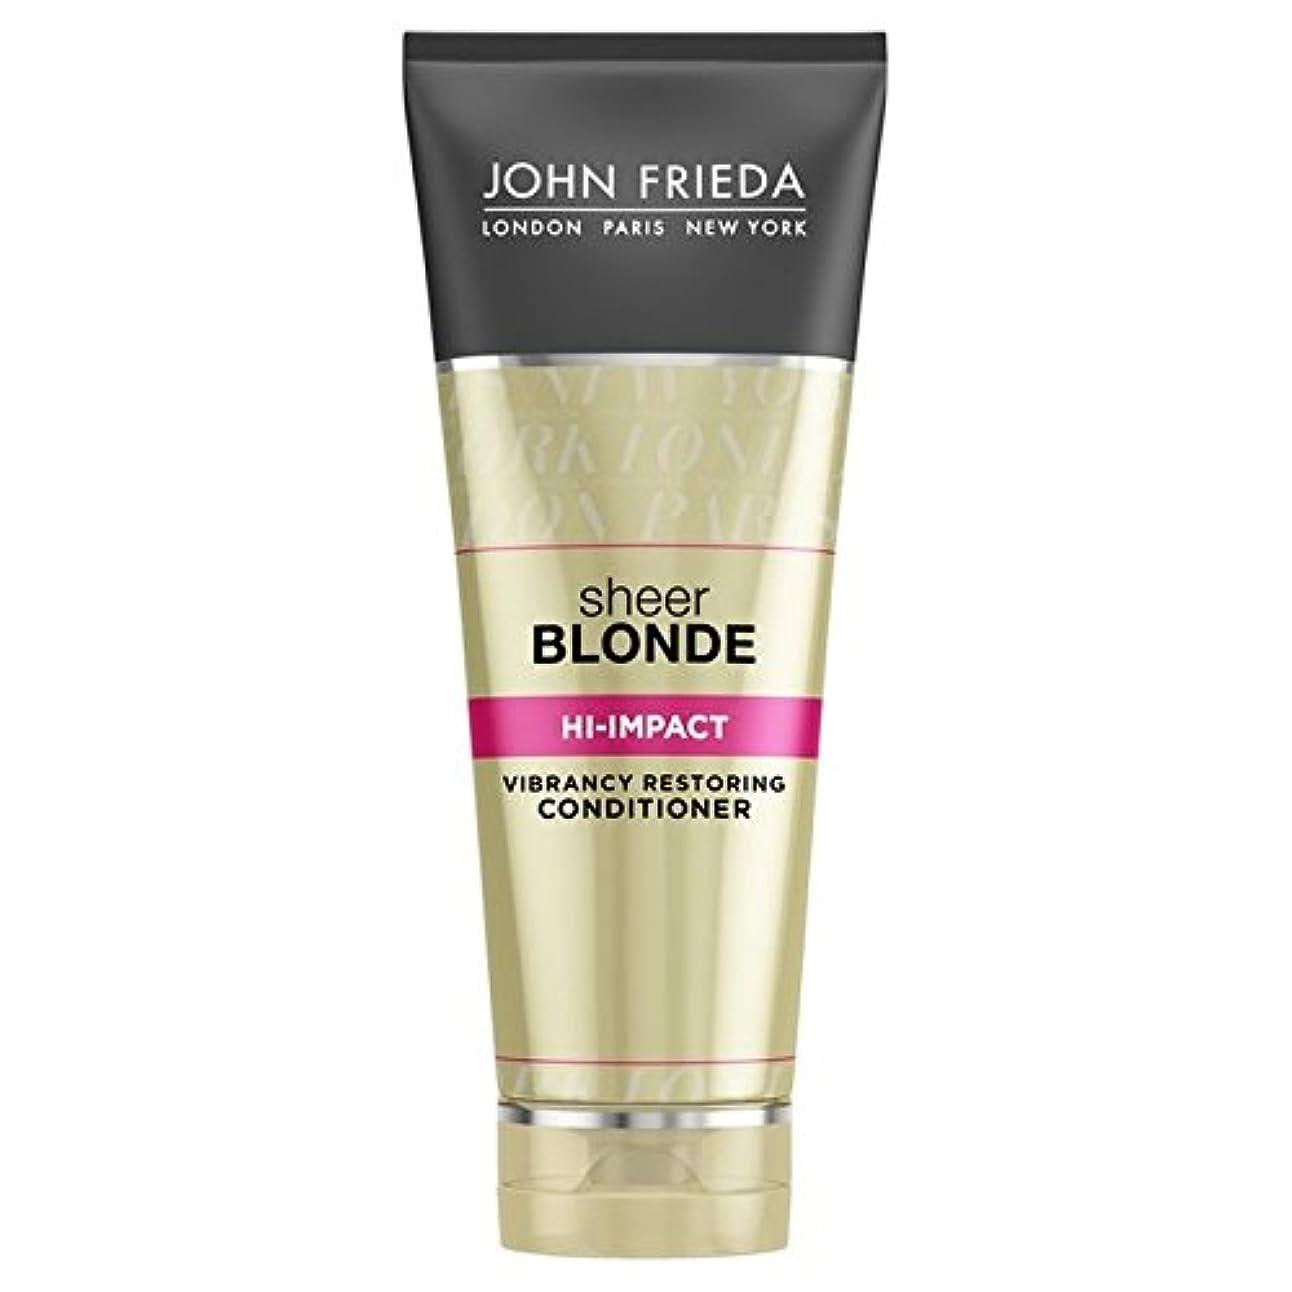 ネーピアペダルめまいJohn Frieda Sheer Blonde Hi Impact Conditioner 250ml - ジョン?フリーダ膨大なブロンドハイインパクトコンディショナー250 [並行輸入品]